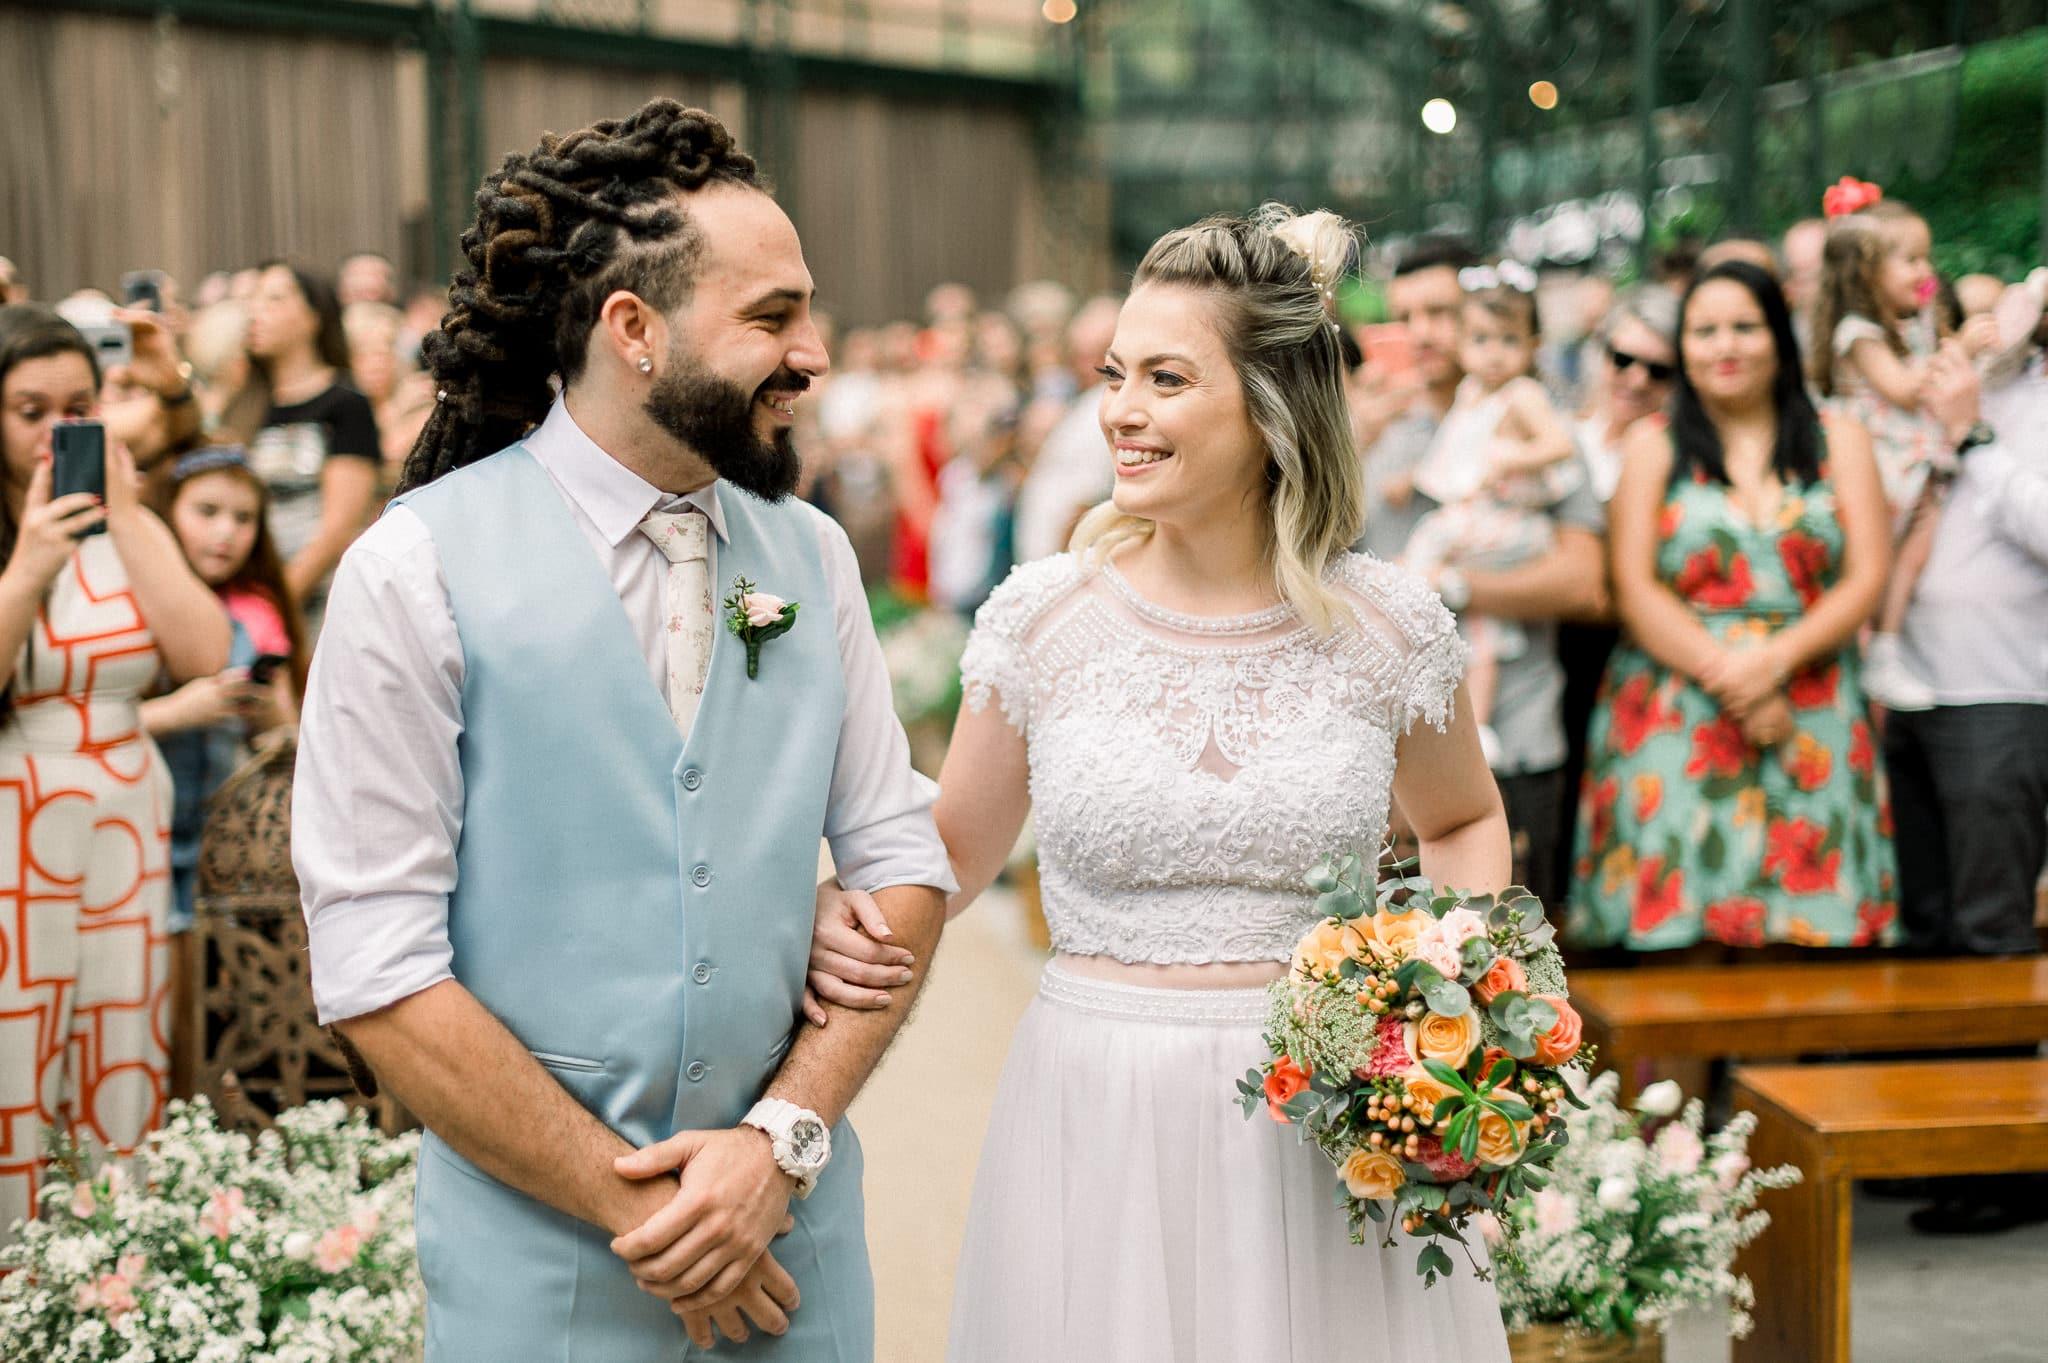 cerimonia de casamento, noivos se olhando, geração Z e geração millenials